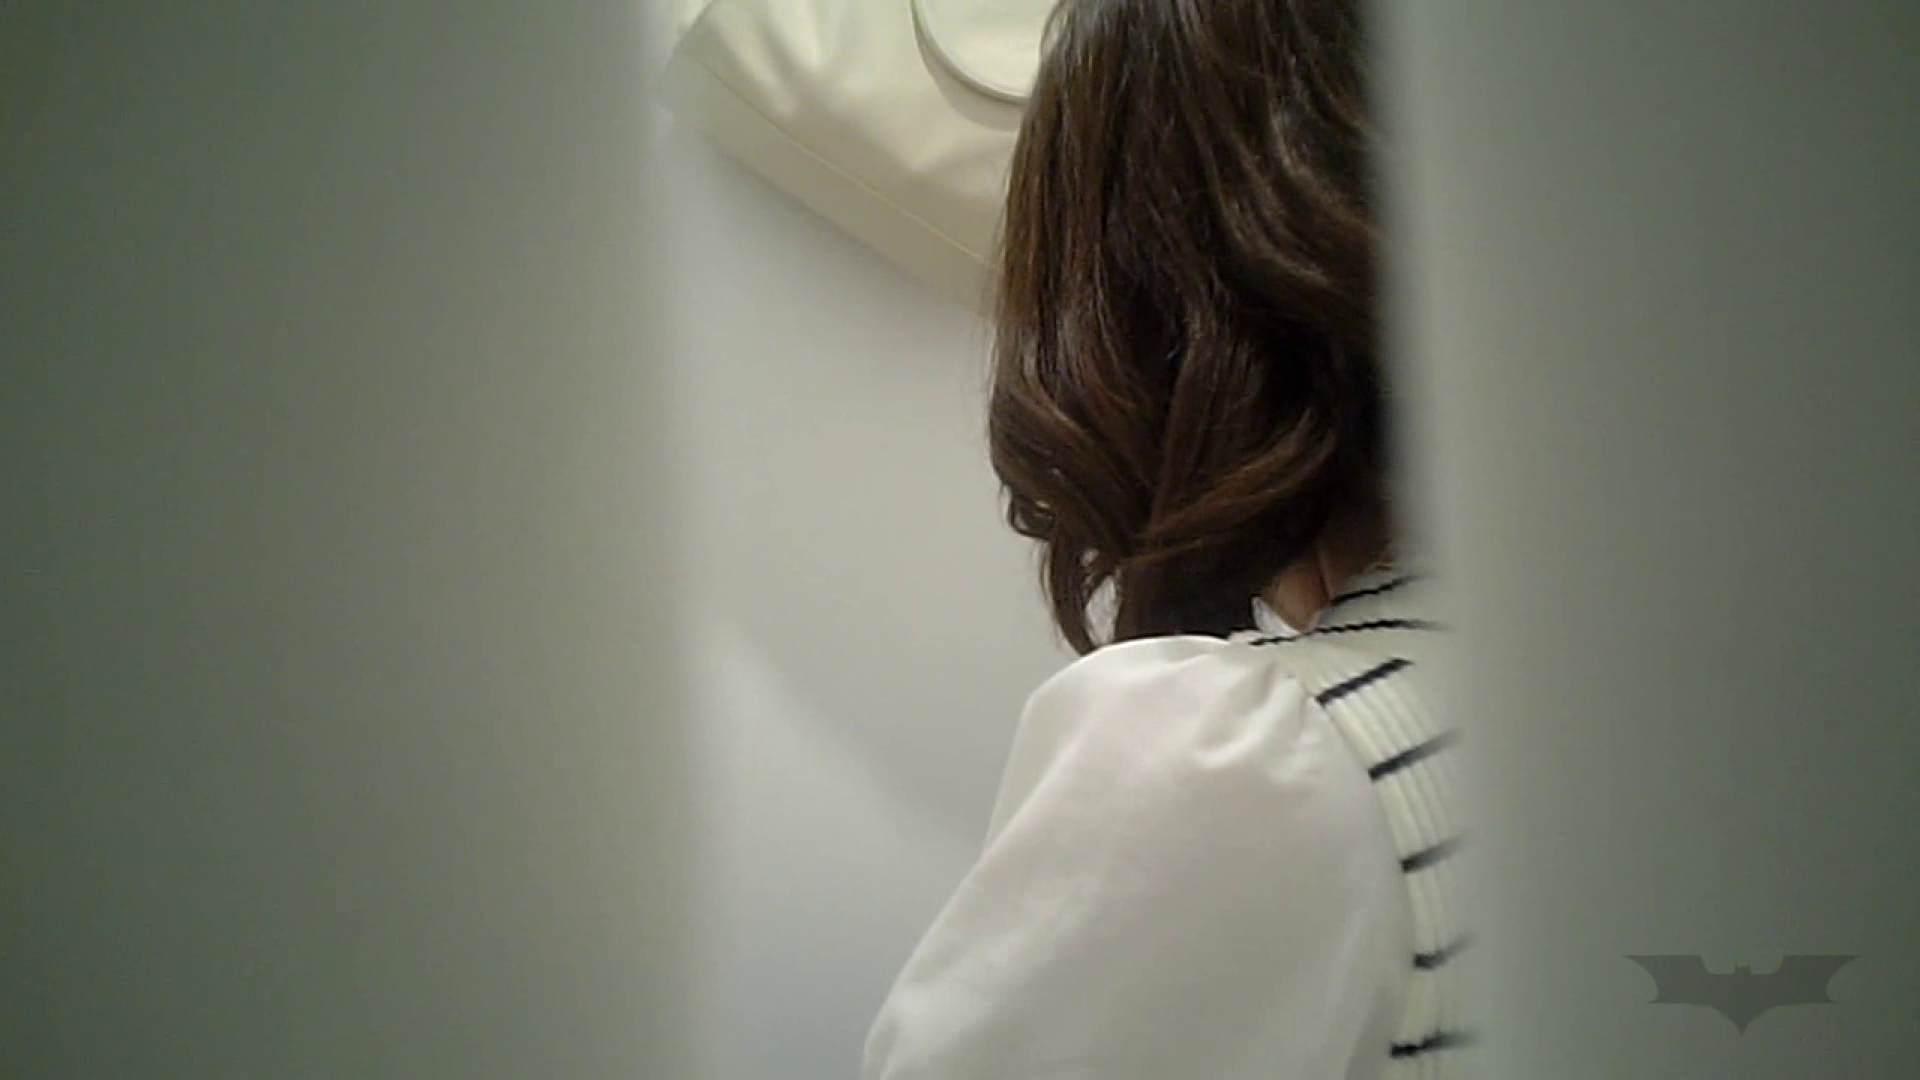 有名大学女性洗面所 vol.37 ついでにアンダーヘアーの状態確認ですね。 投稿 のぞき 93PIX 85